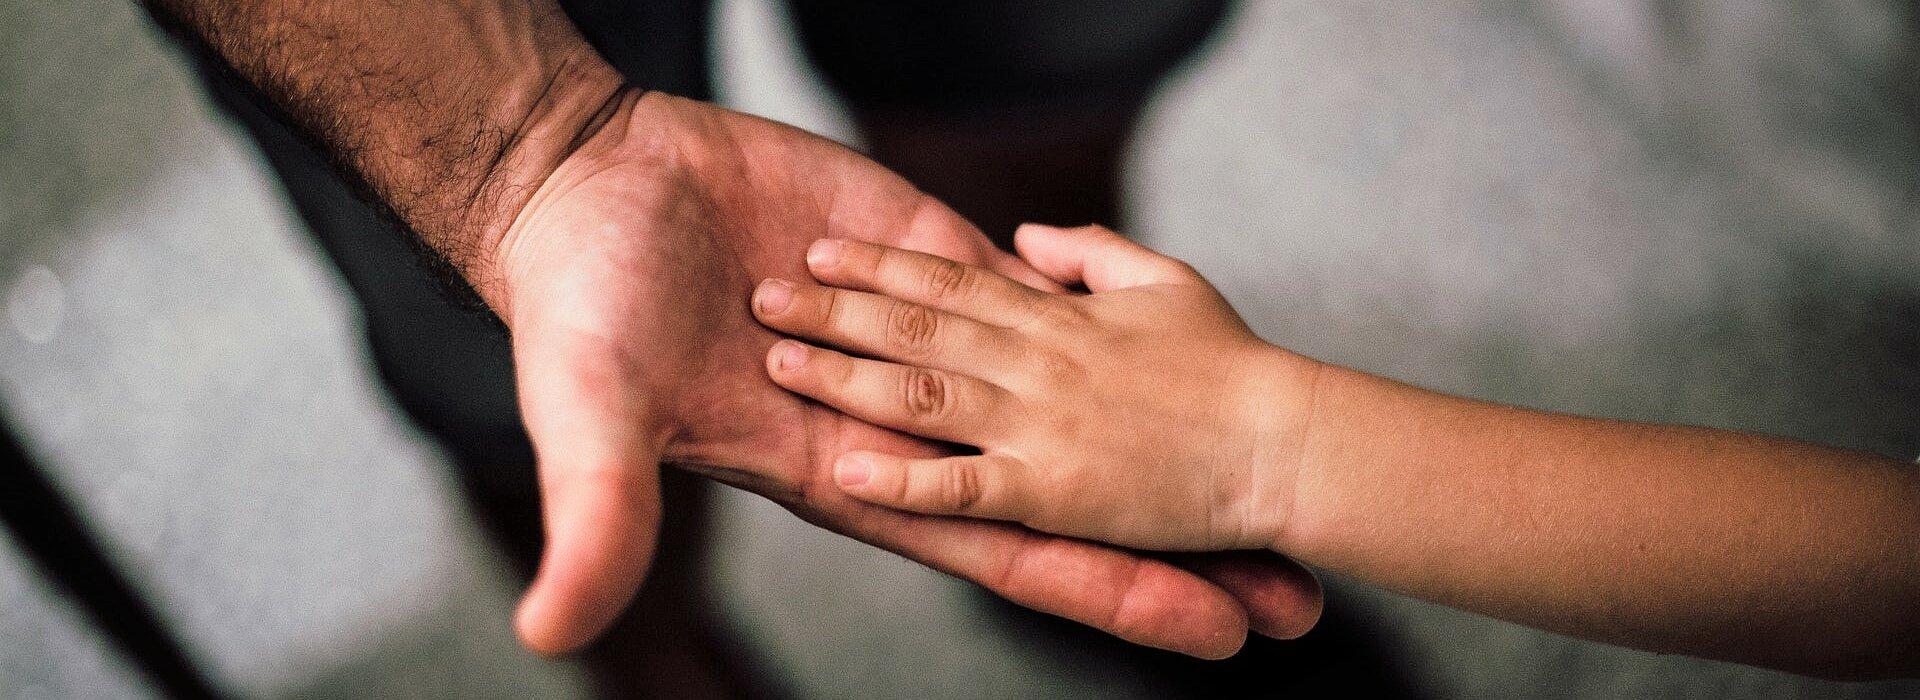 mão masculina de adulto apoia mão de criança numa imagem em close